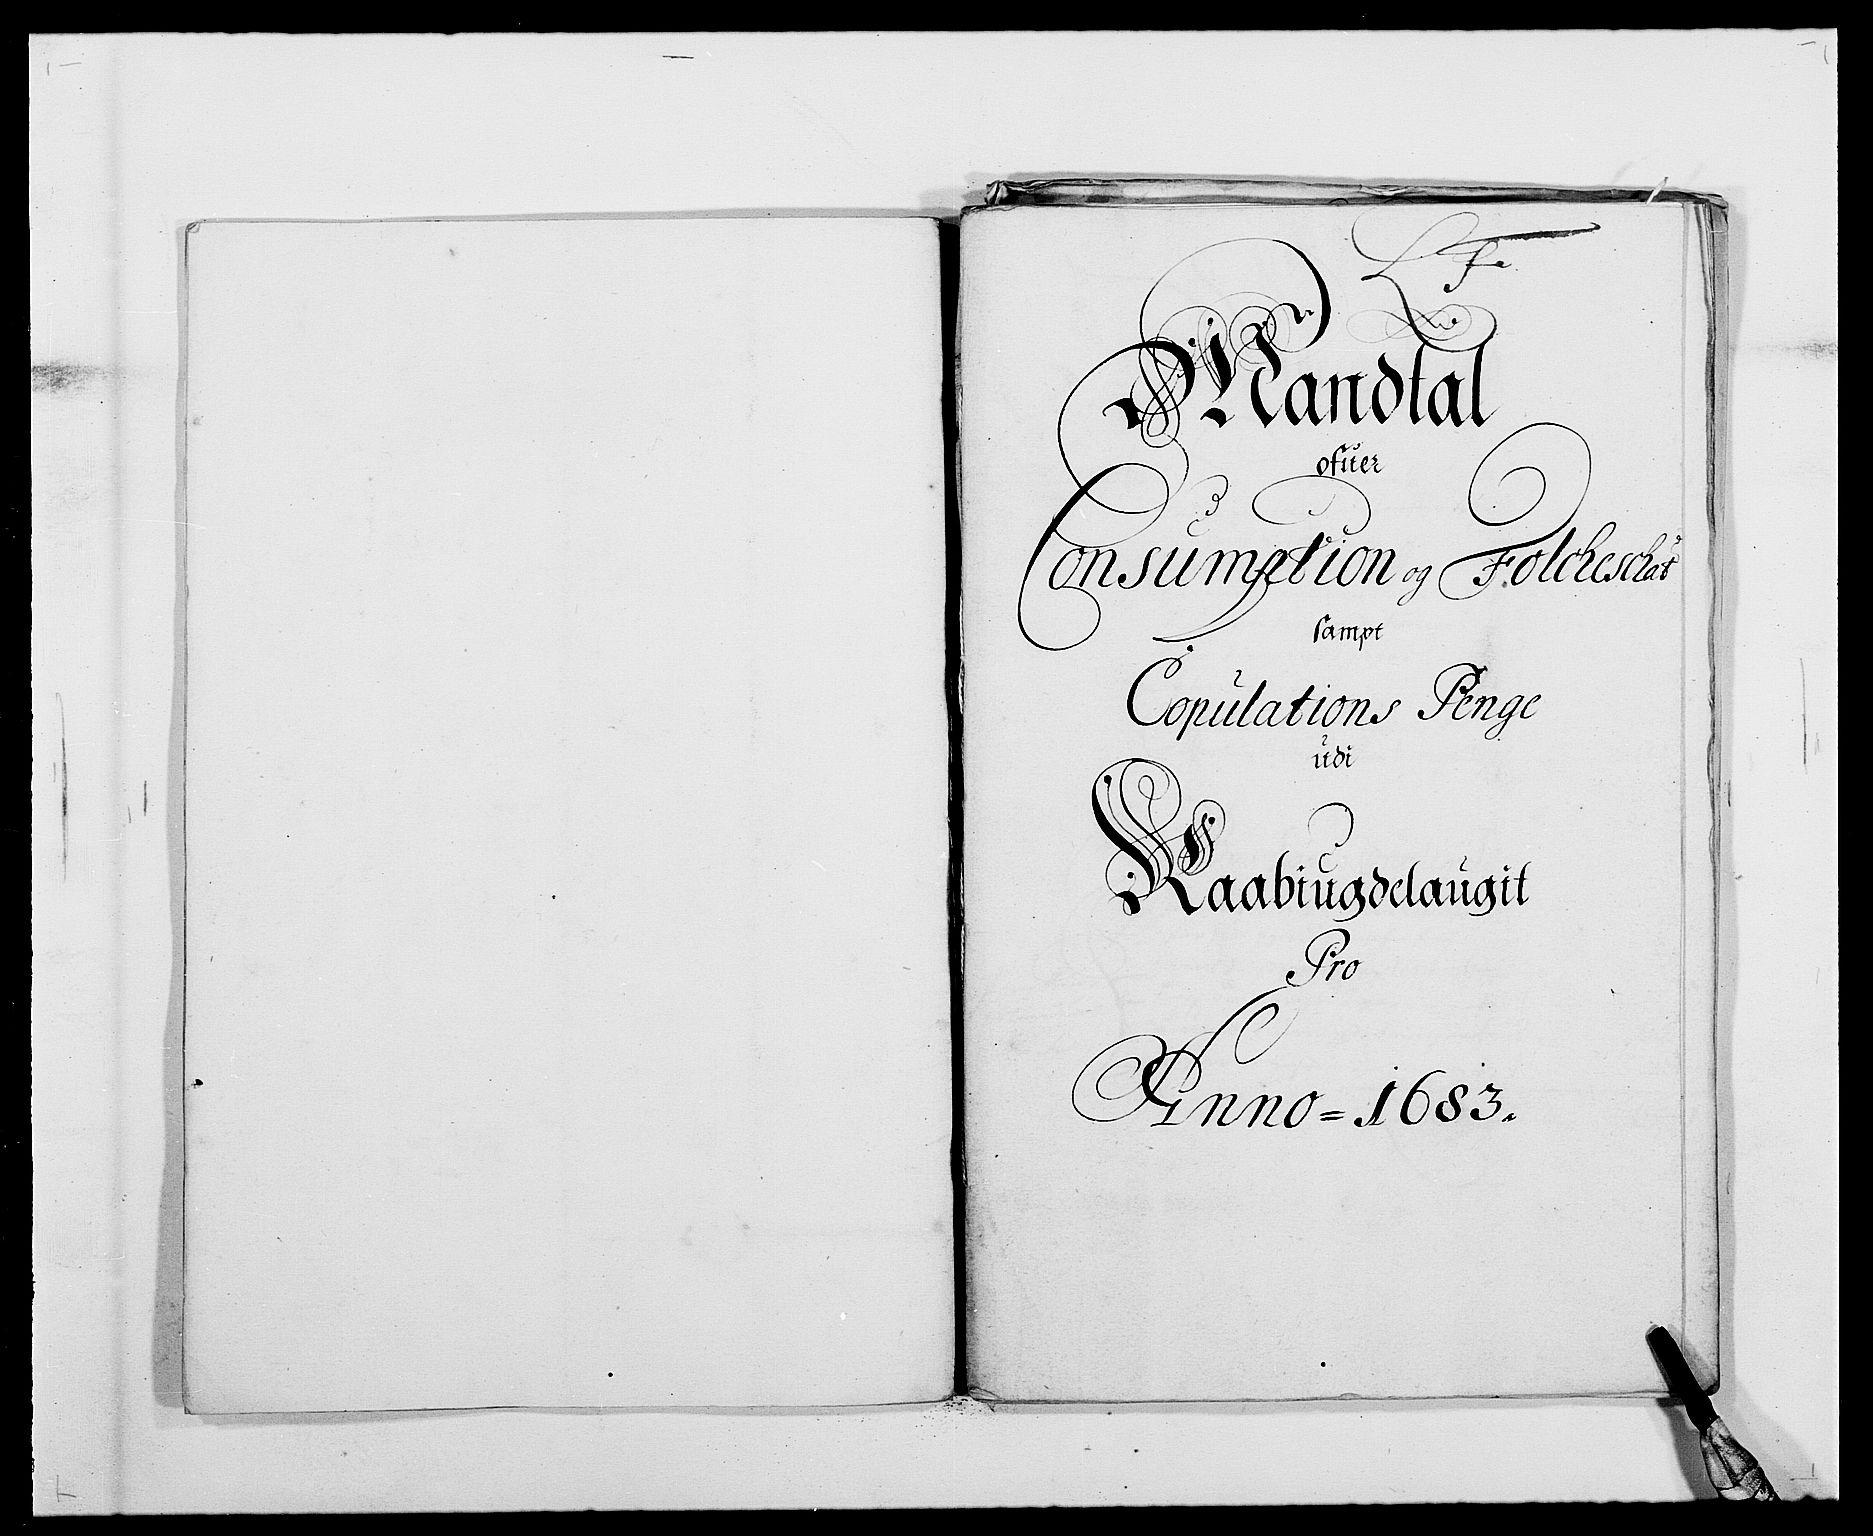 RA, Rentekammeret inntil 1814, Reviderte regnskaper, Fogderegnskap, R40/L2438: Fogderegnskap Råbyggelag, 1682-1683, s. 337